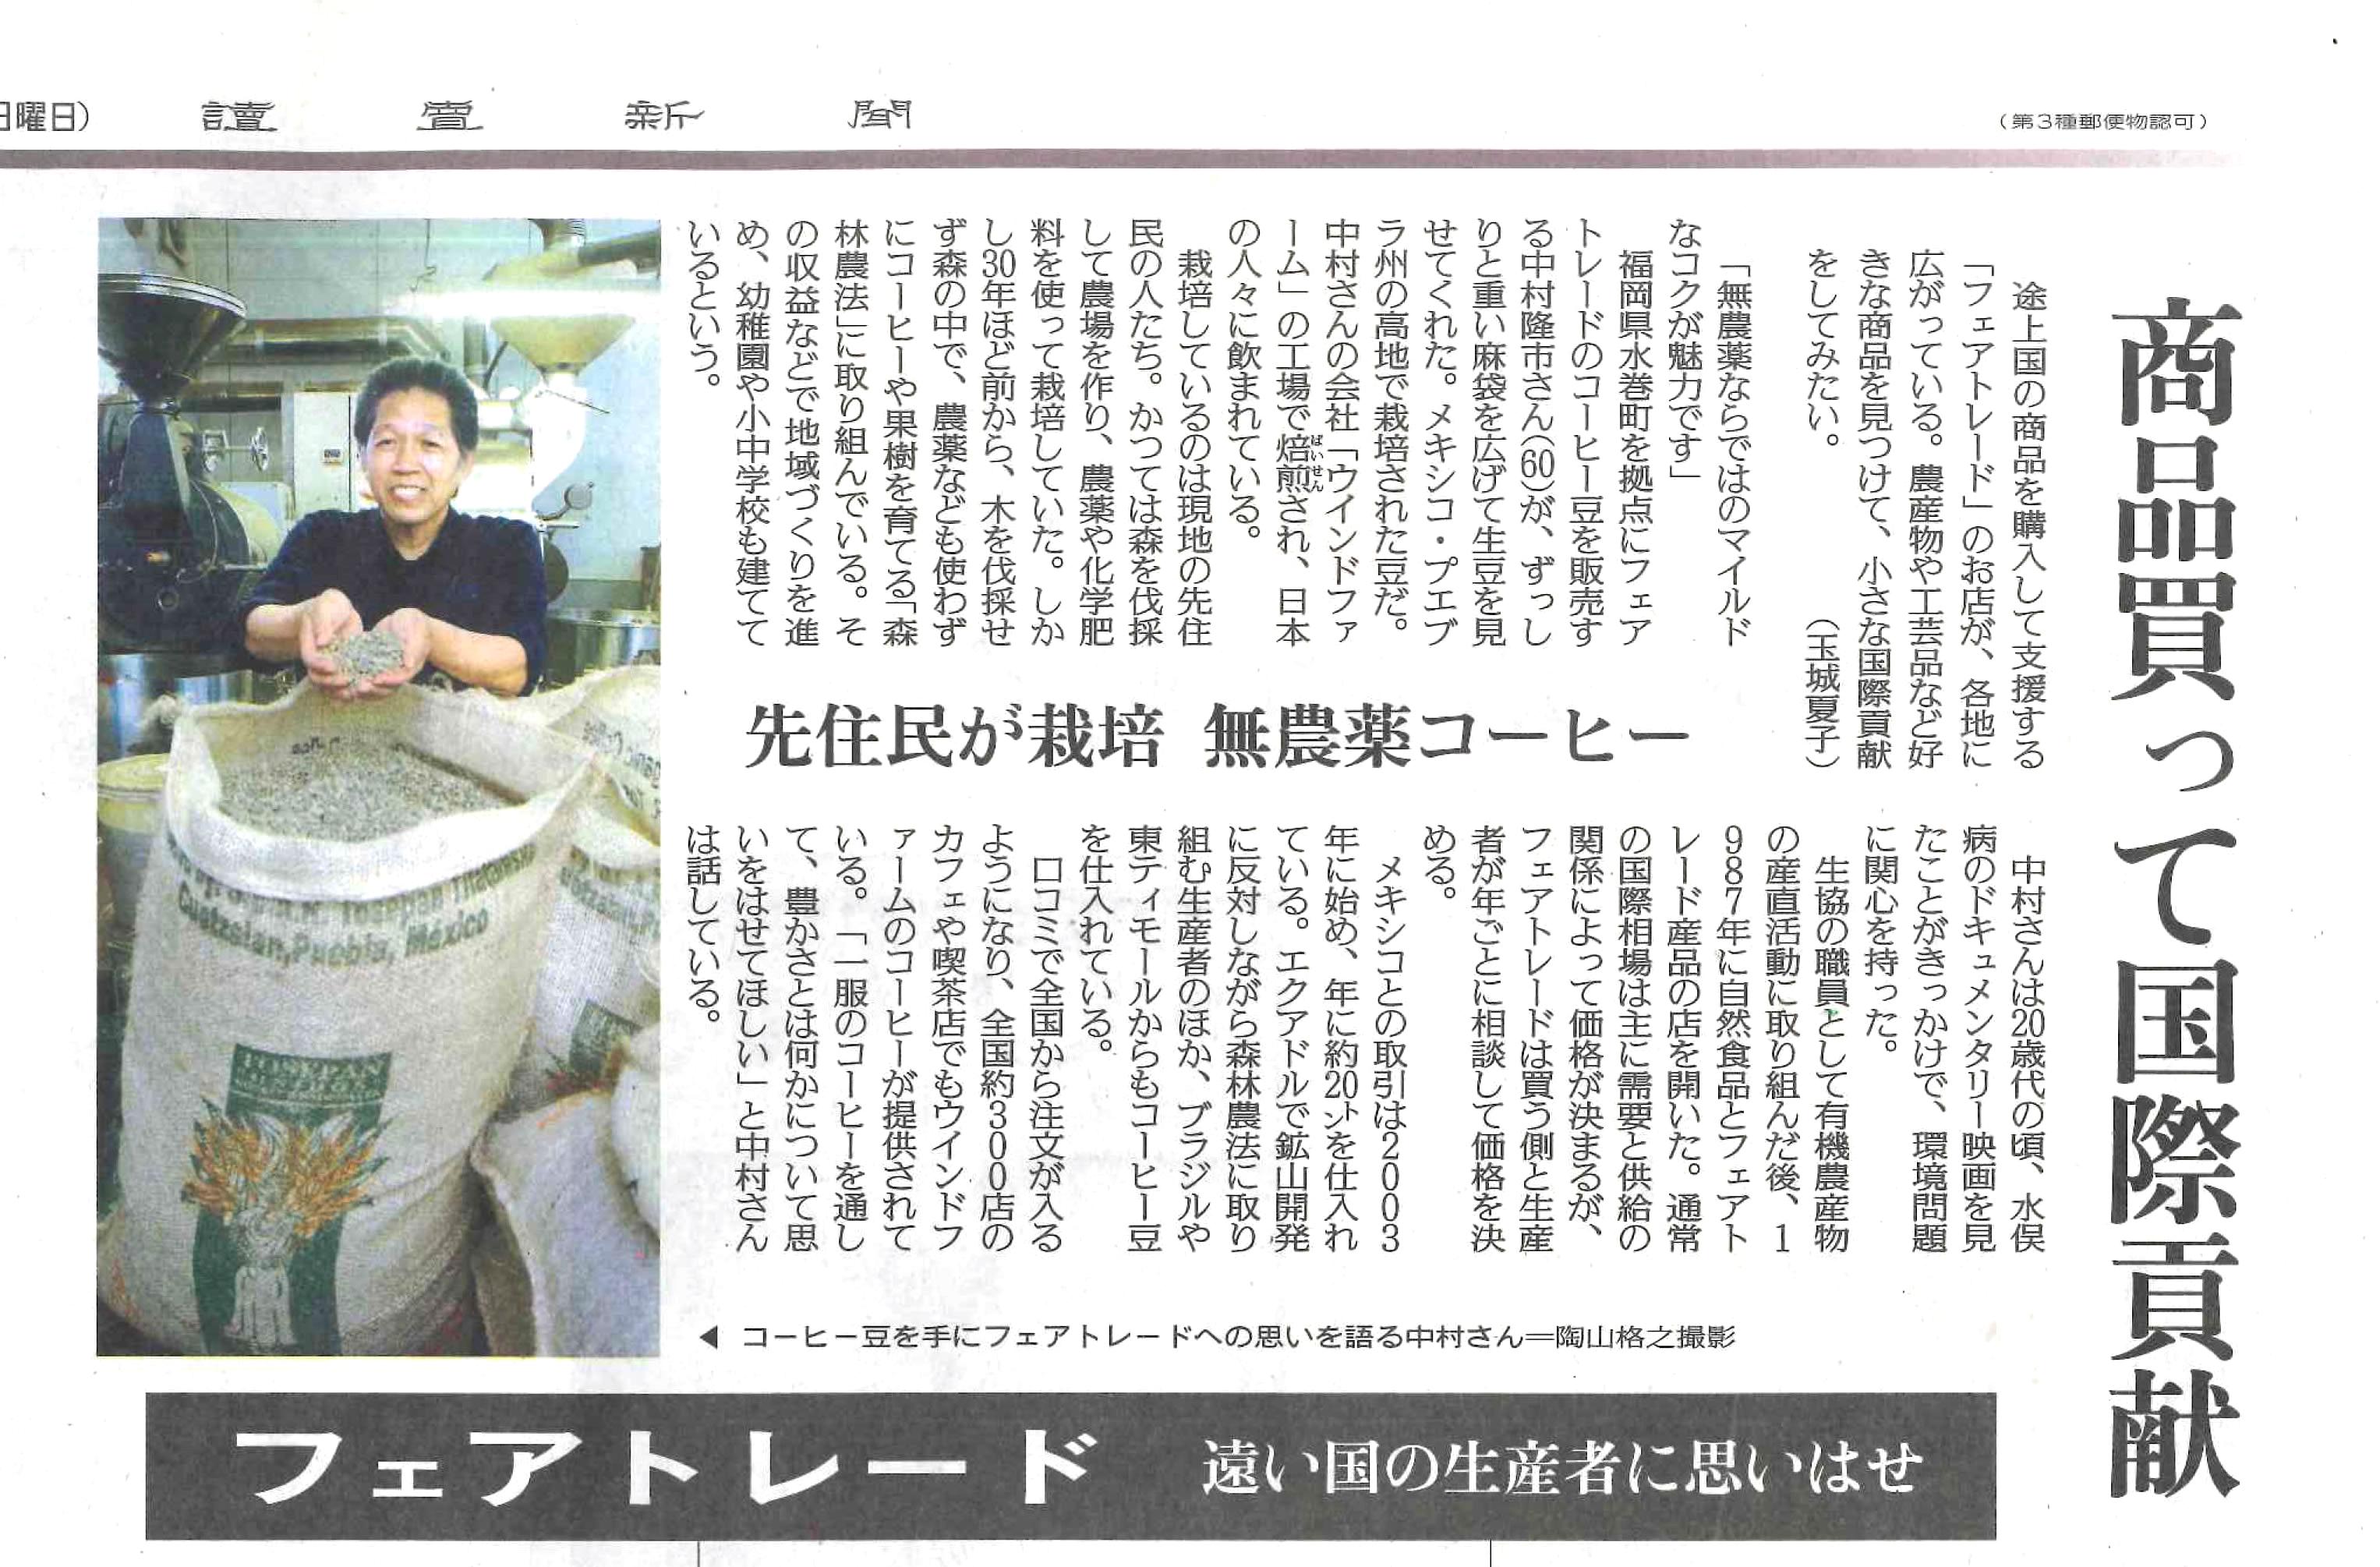 ウインドファームのフェアトレードが読売新聞で紹介されました。